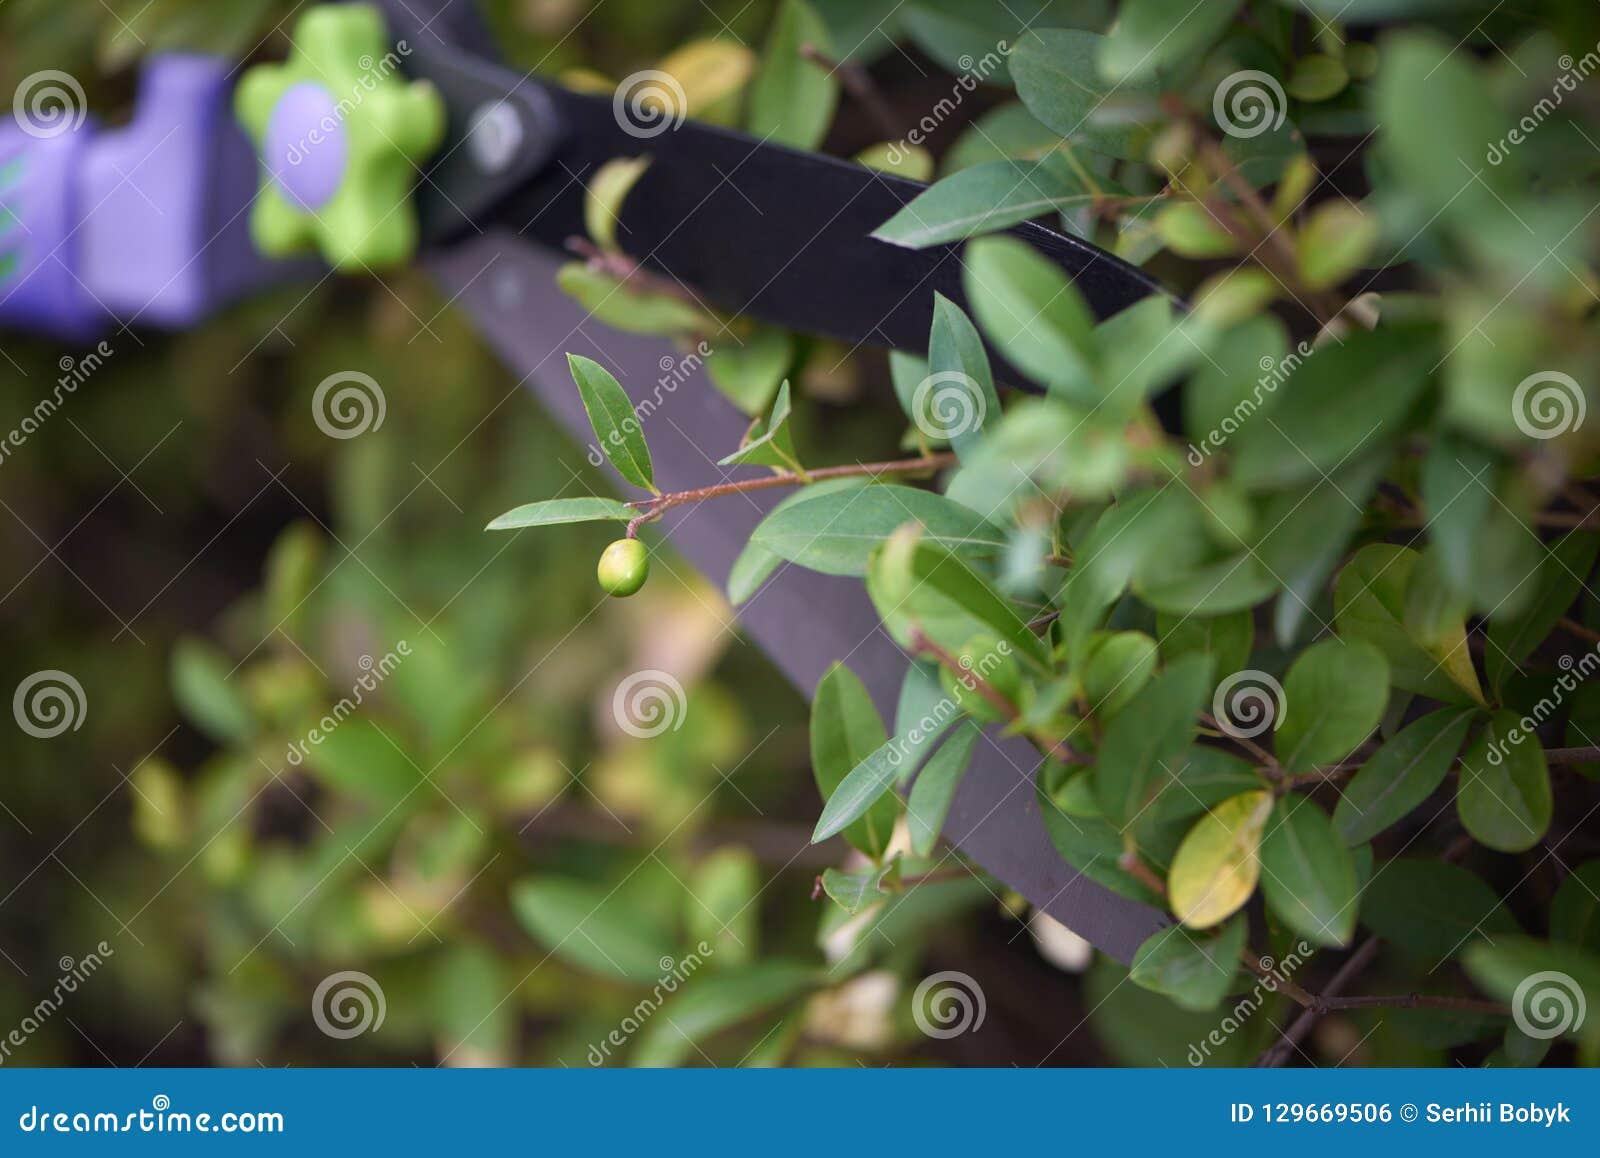 Ostrze ogrodowi nożyce odcina małej jagody